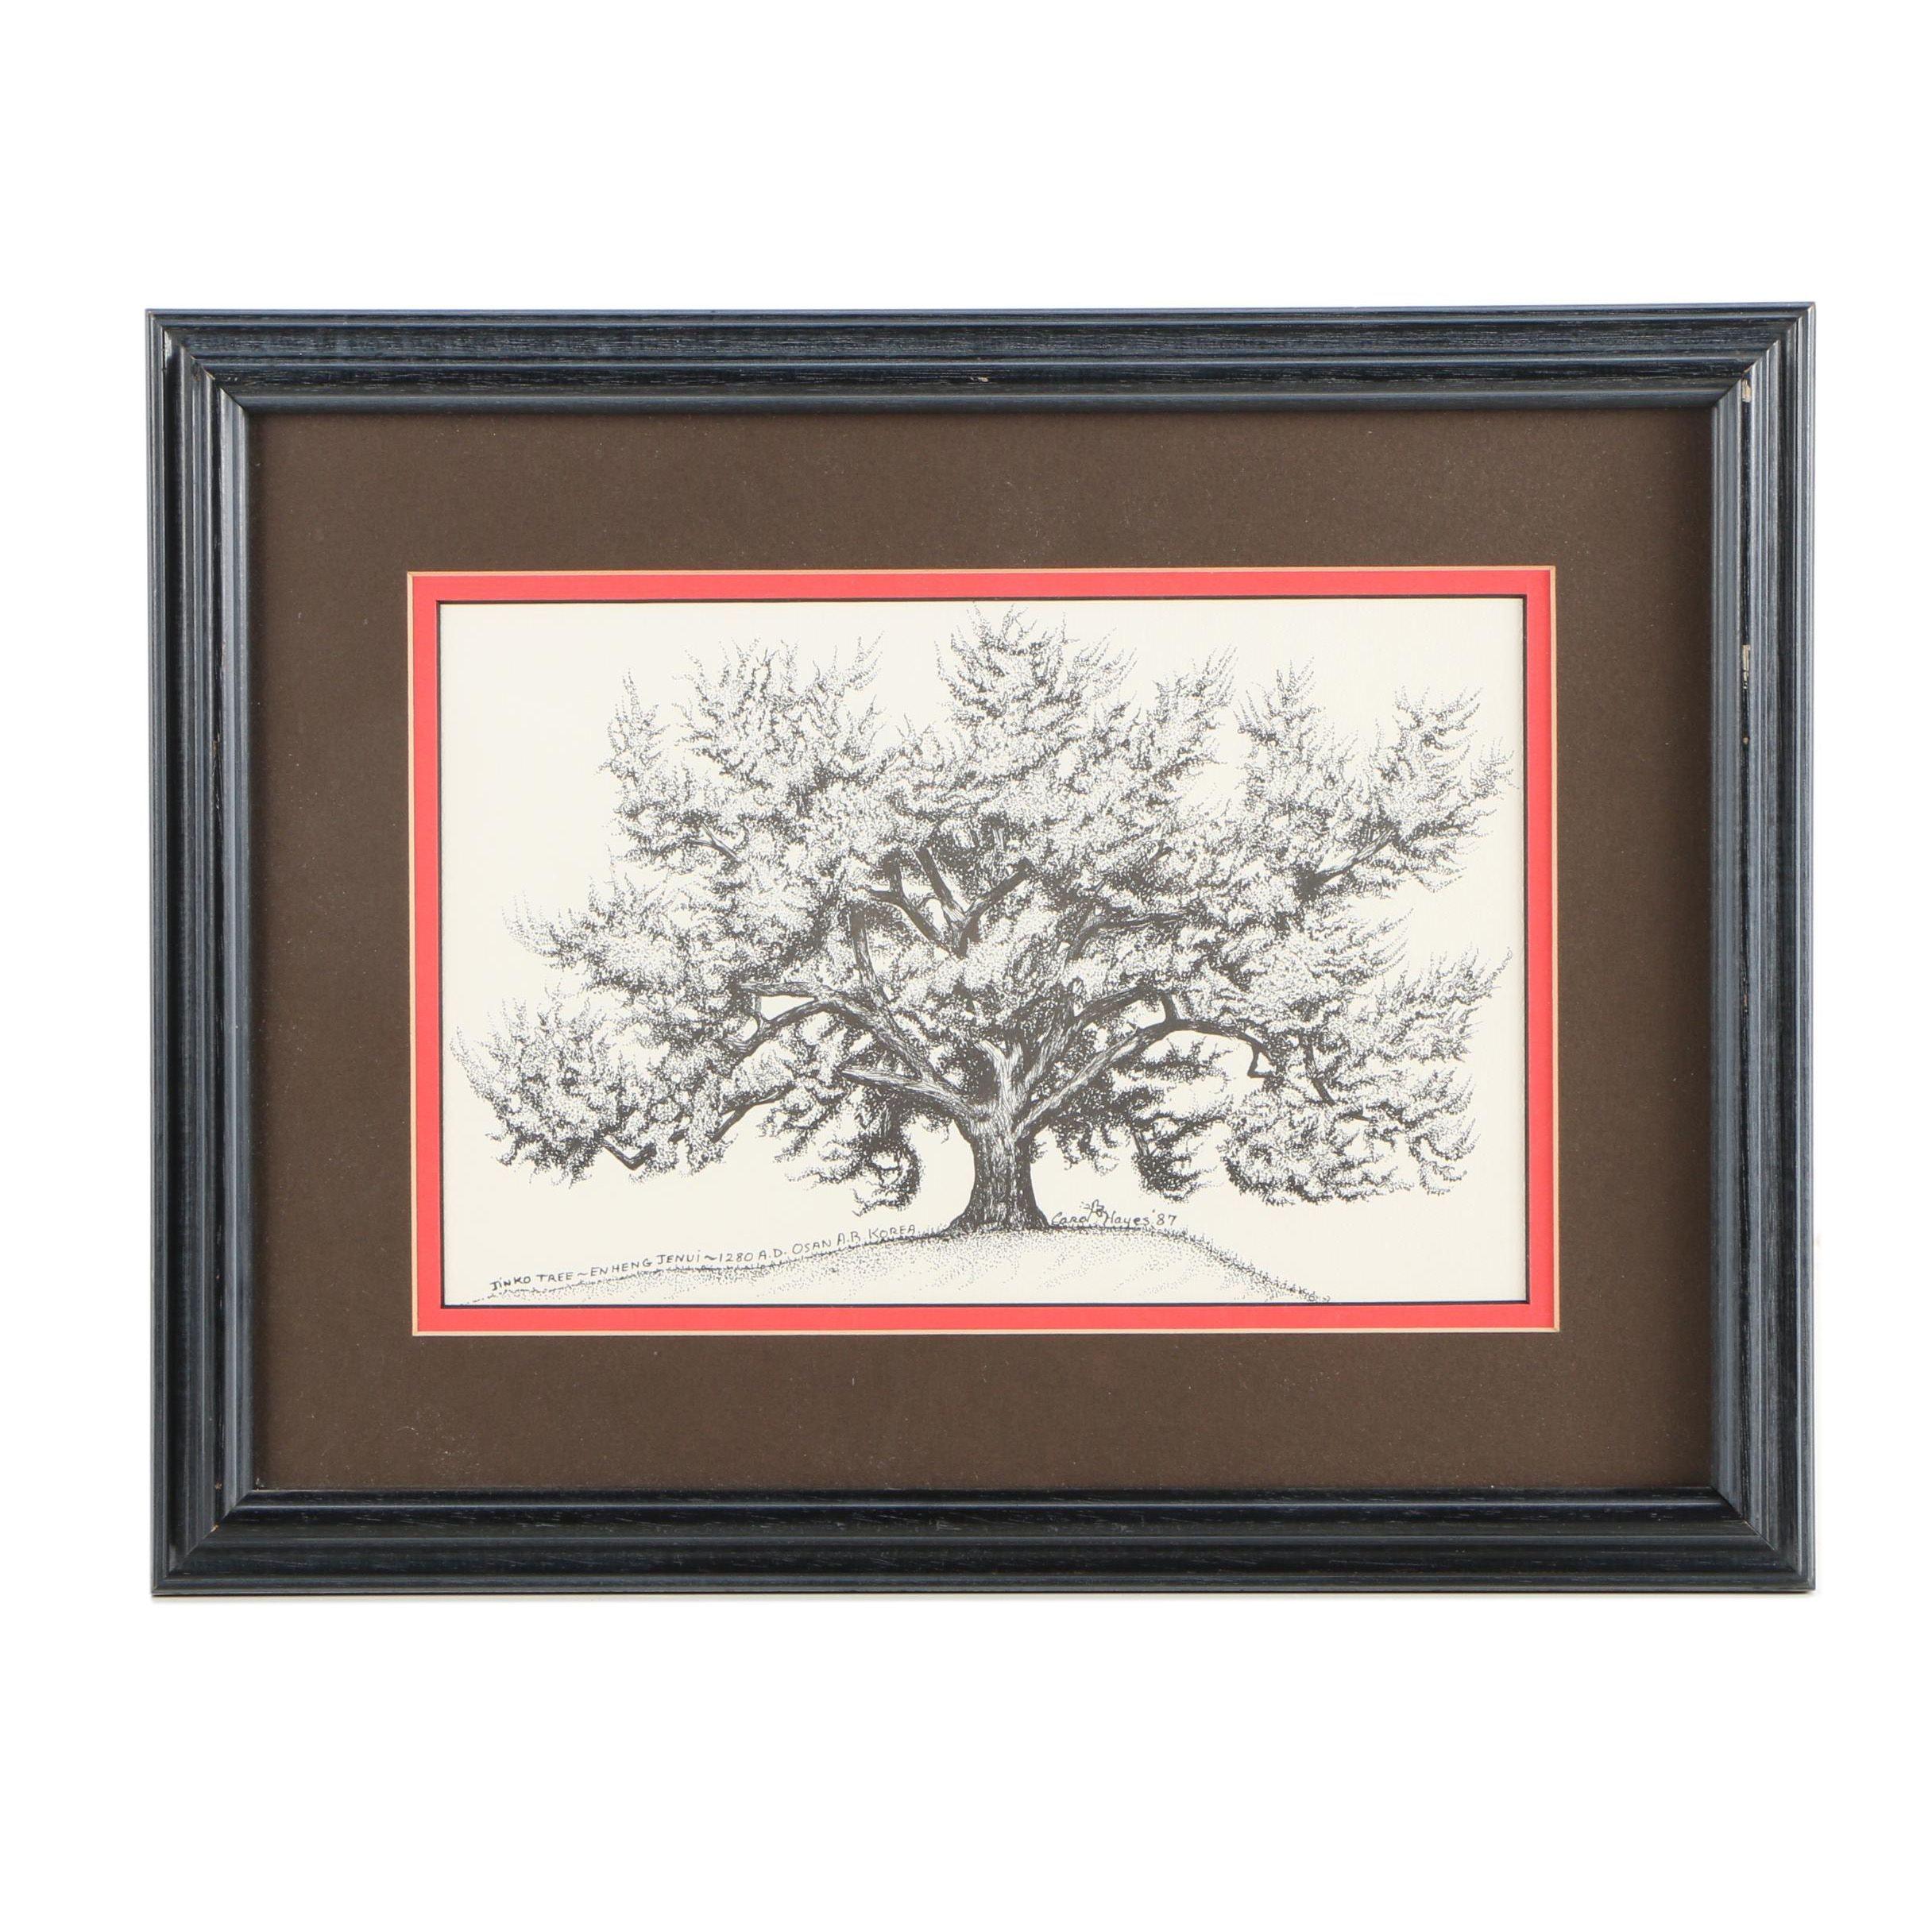 1987 Lithograph After Carol Hayes of Historic Osan Gingko Tree